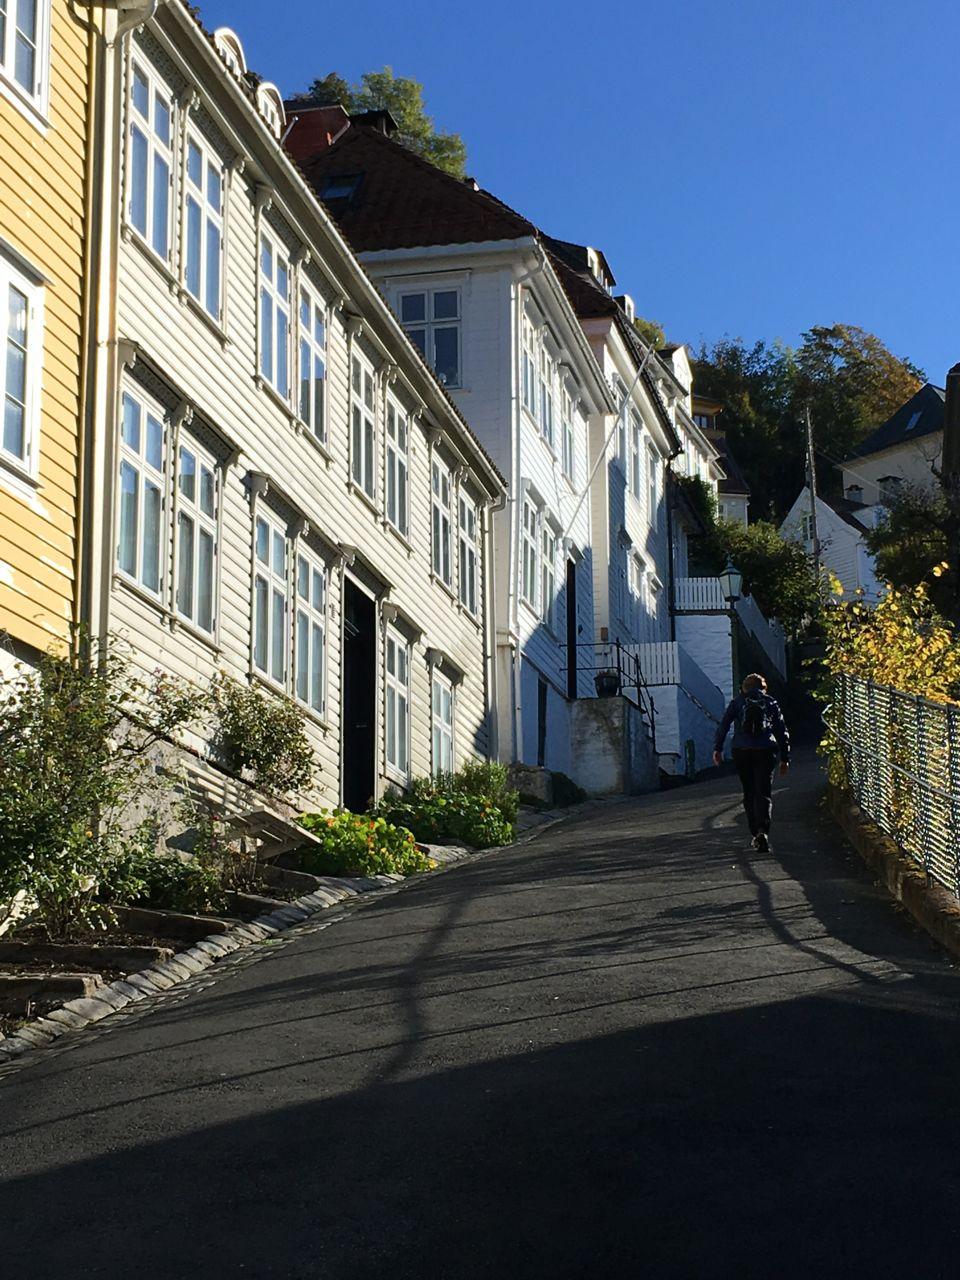 Fløyen by foot. Upward Skivebakken lane